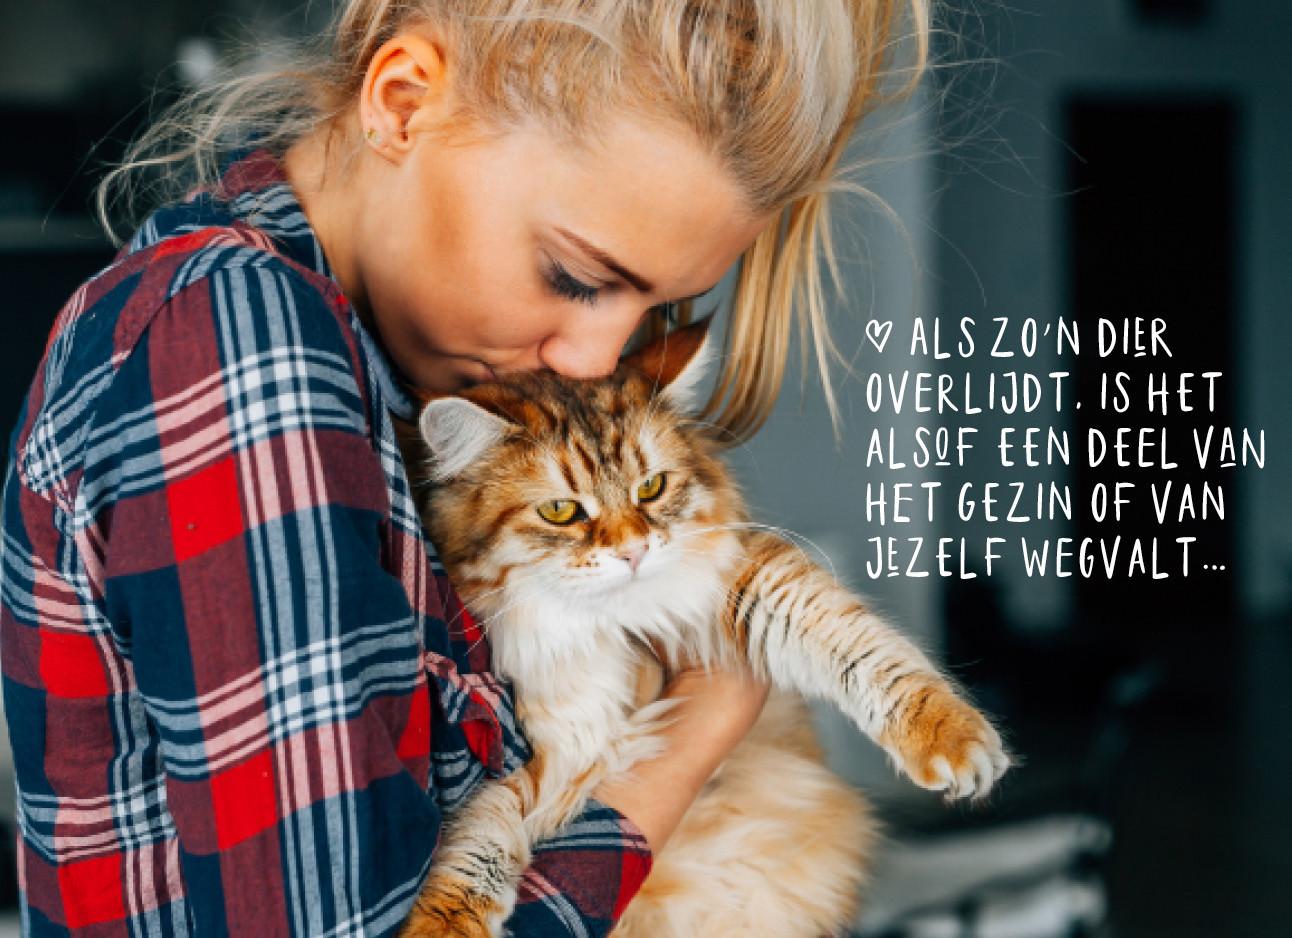 vrouw en kat knuffelen